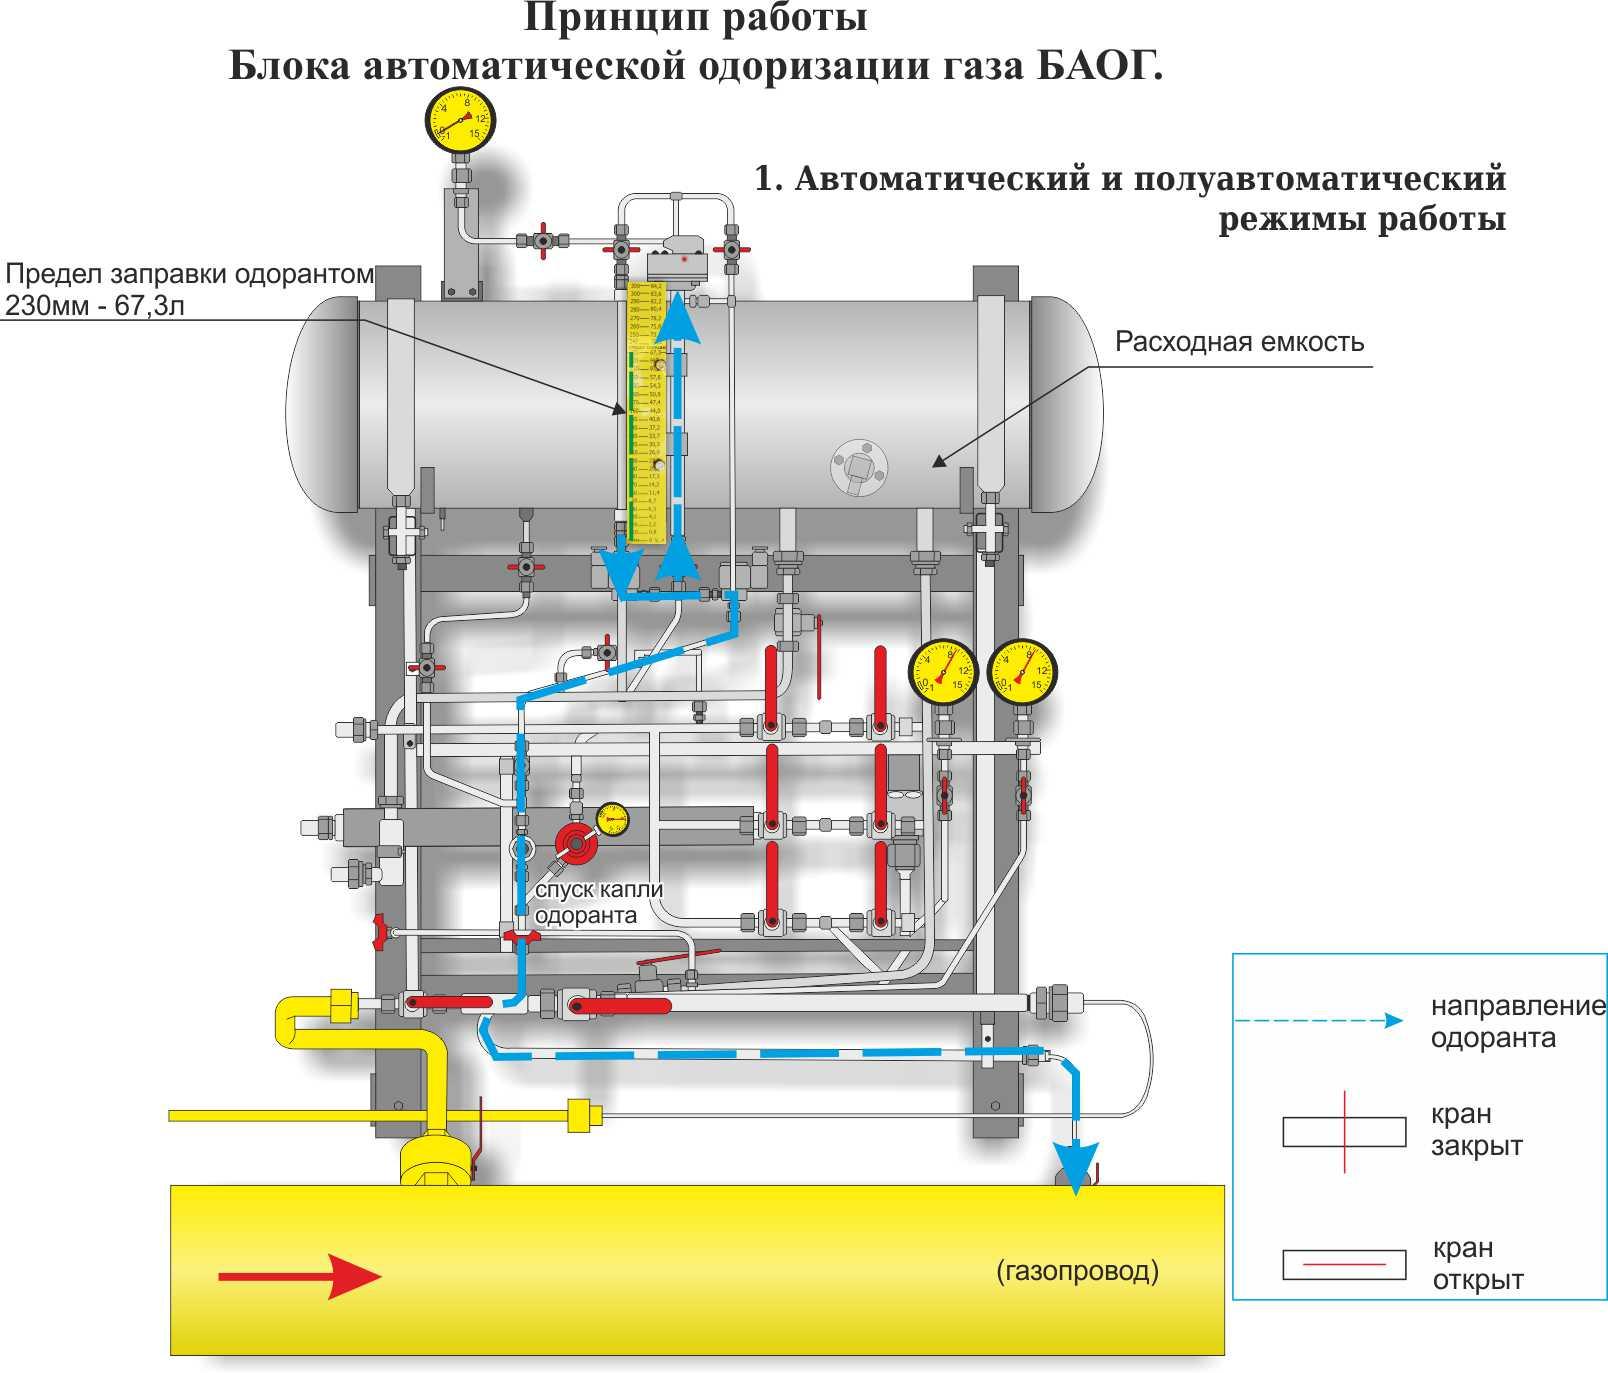 Удельный расход - одорант  - большая энциклопедия нефти и газа, статья, страница 1